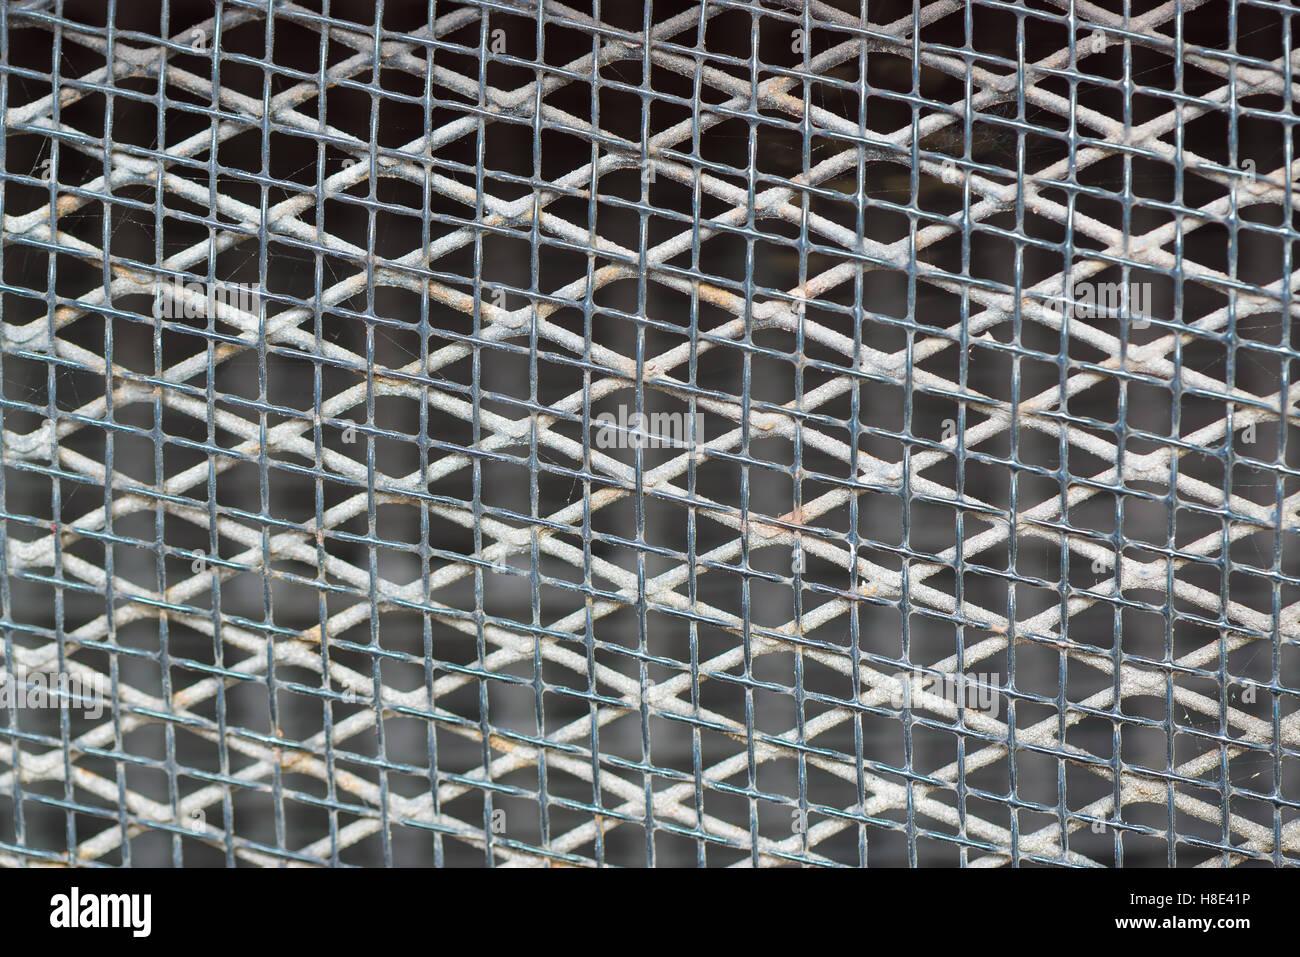 Old rusty metal grille, grillage métallique, l'arrière-plan et la texture Photo Stock